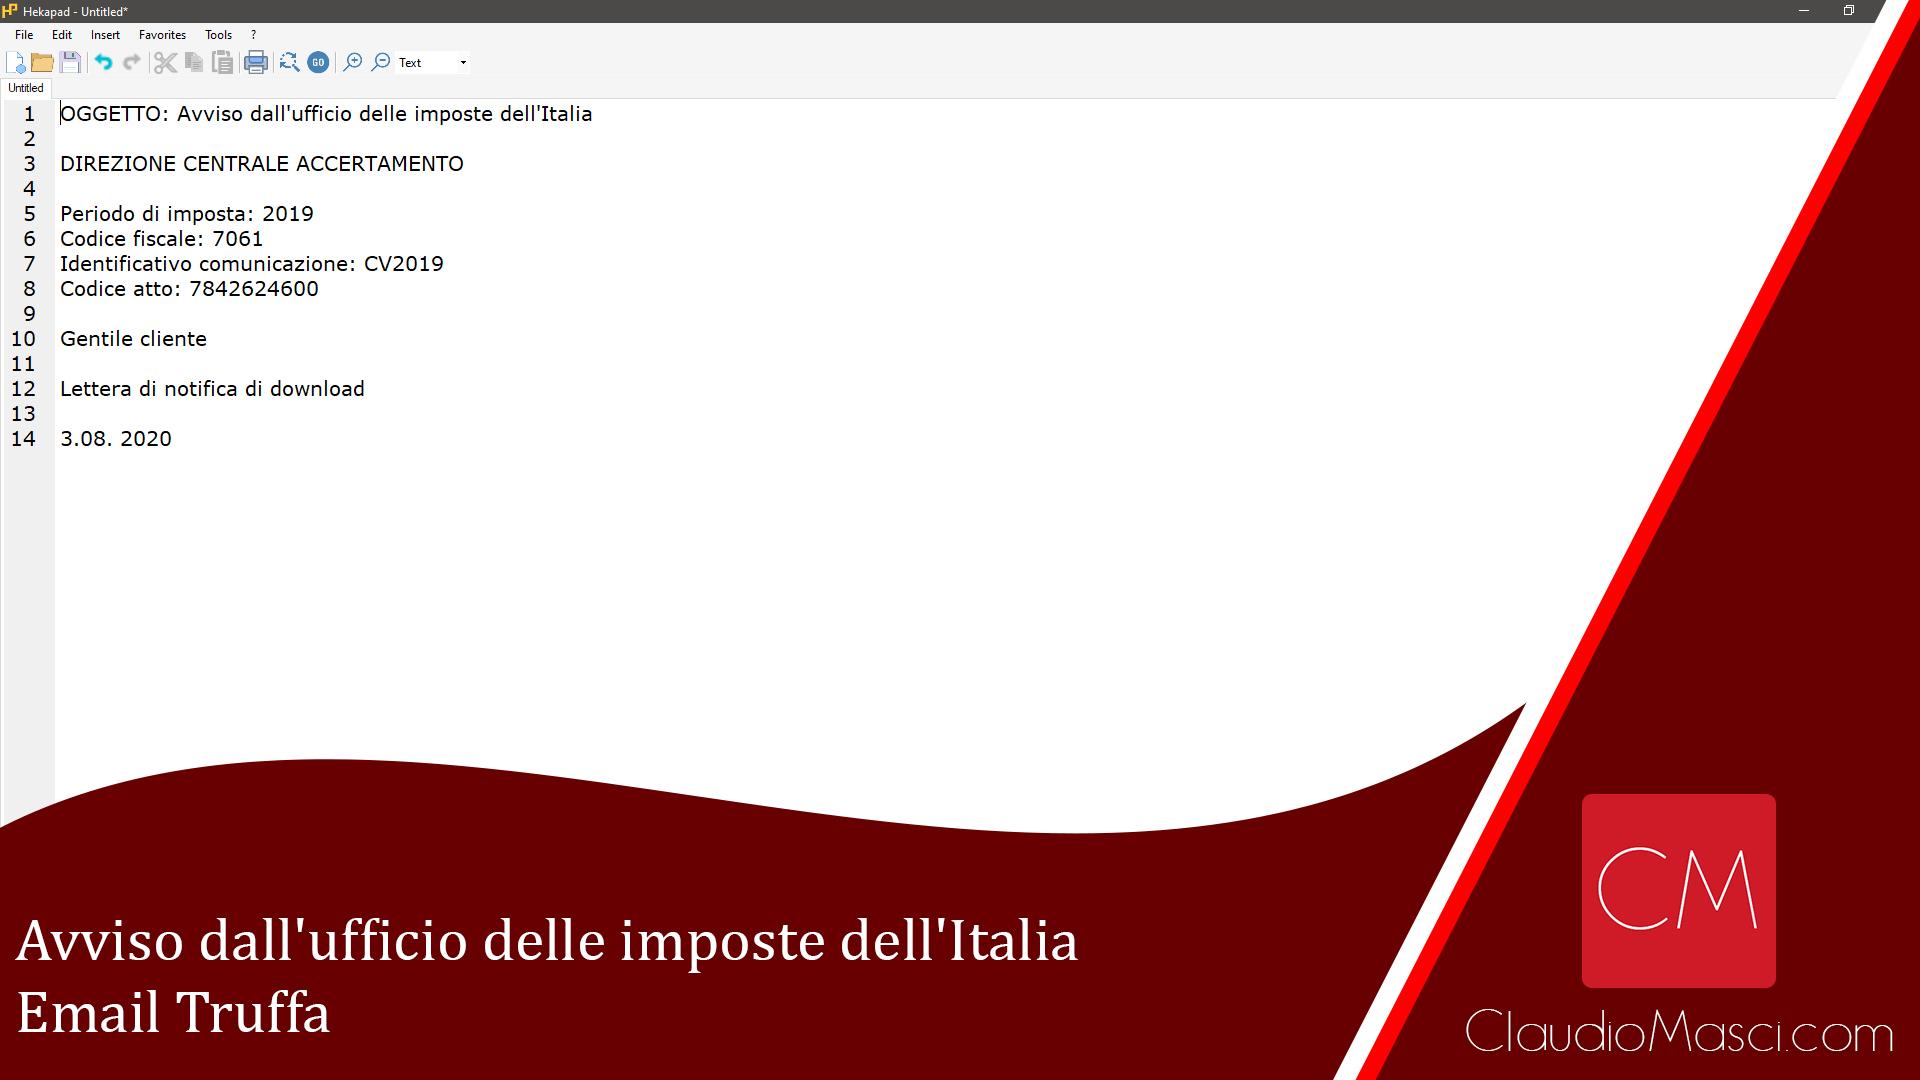 Avviso dall'ufficio delle imposte dell'Italia – Email Truffa